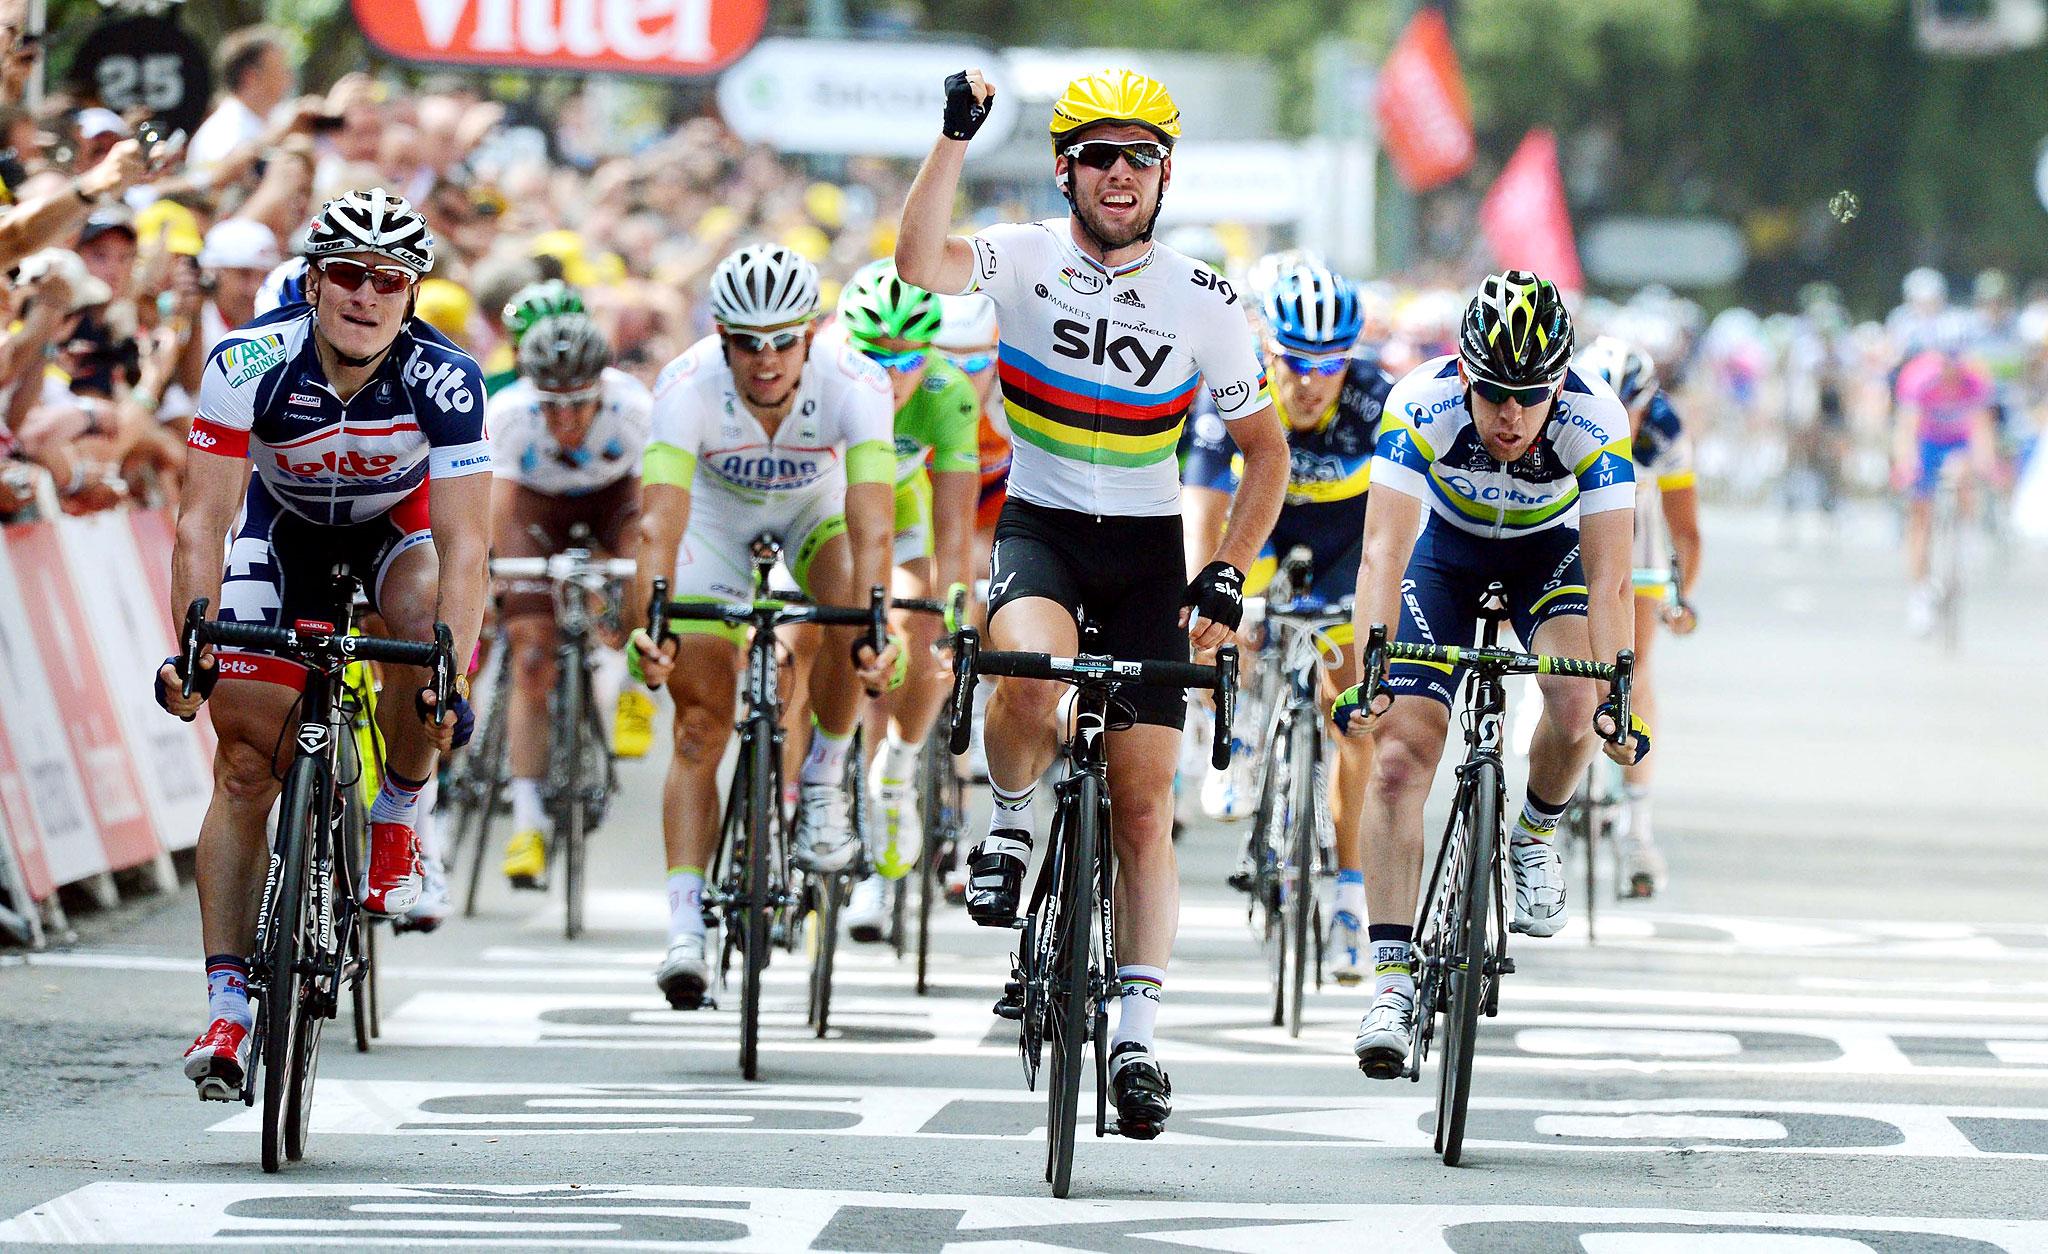 2012 Tour de France - 2012 Tour de France